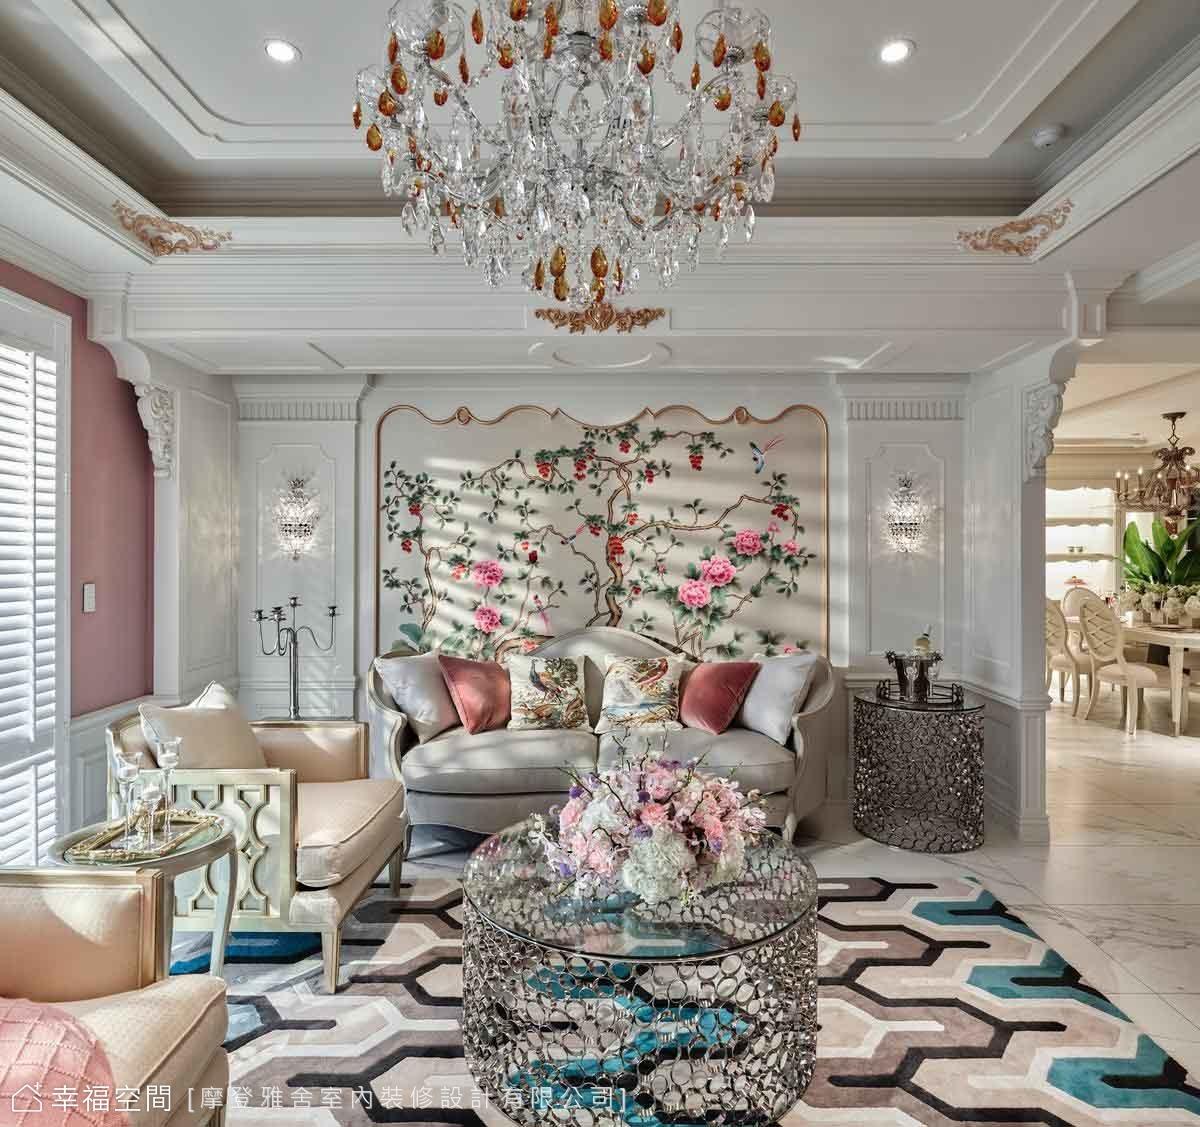 沙發上方大梁藉由層次堆疊及雕花美化藏匿於為無形,兩側以古典歐式木工手工雕刻裝飾,搭配旺來招財水晶燈聚財。